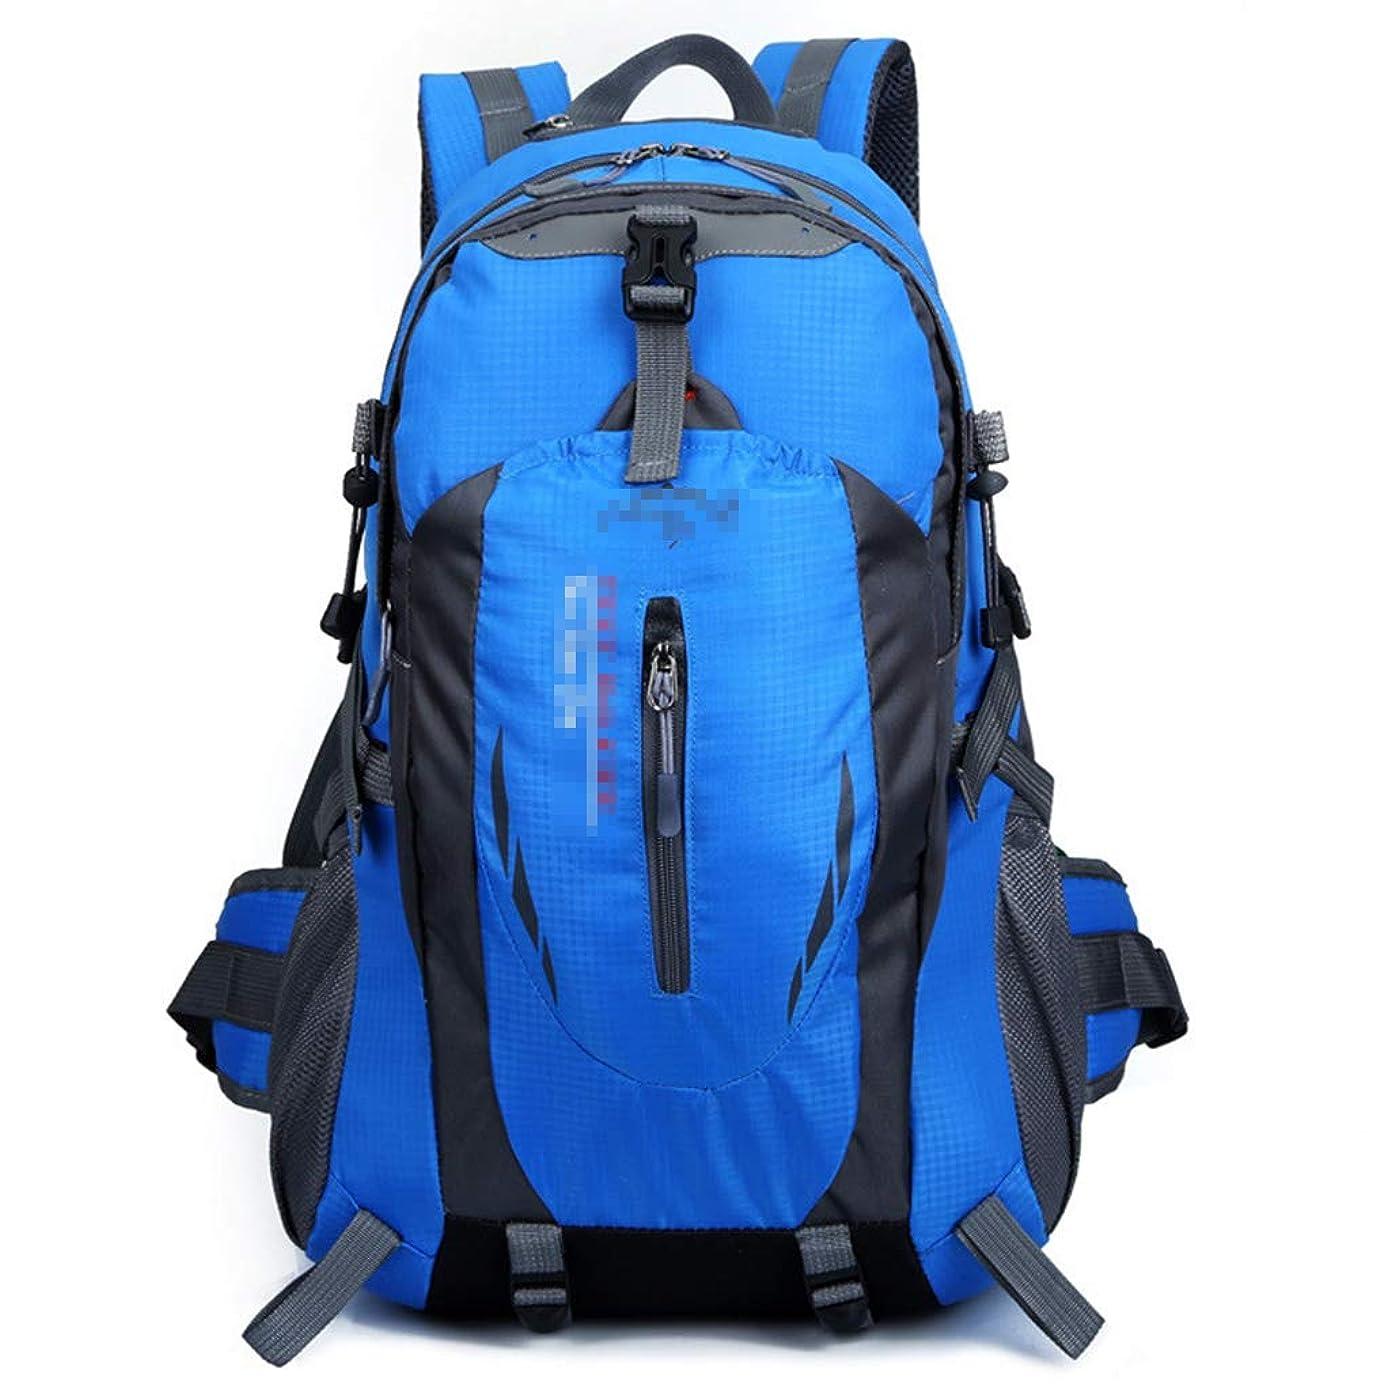 誘う寛大なほめる防水ハイキングバックパック、キャンプトレッキングリュックサック、超軽量アウトドアスポーツデイパック、トラベルバックパックキャリーオン、登山用, Blue